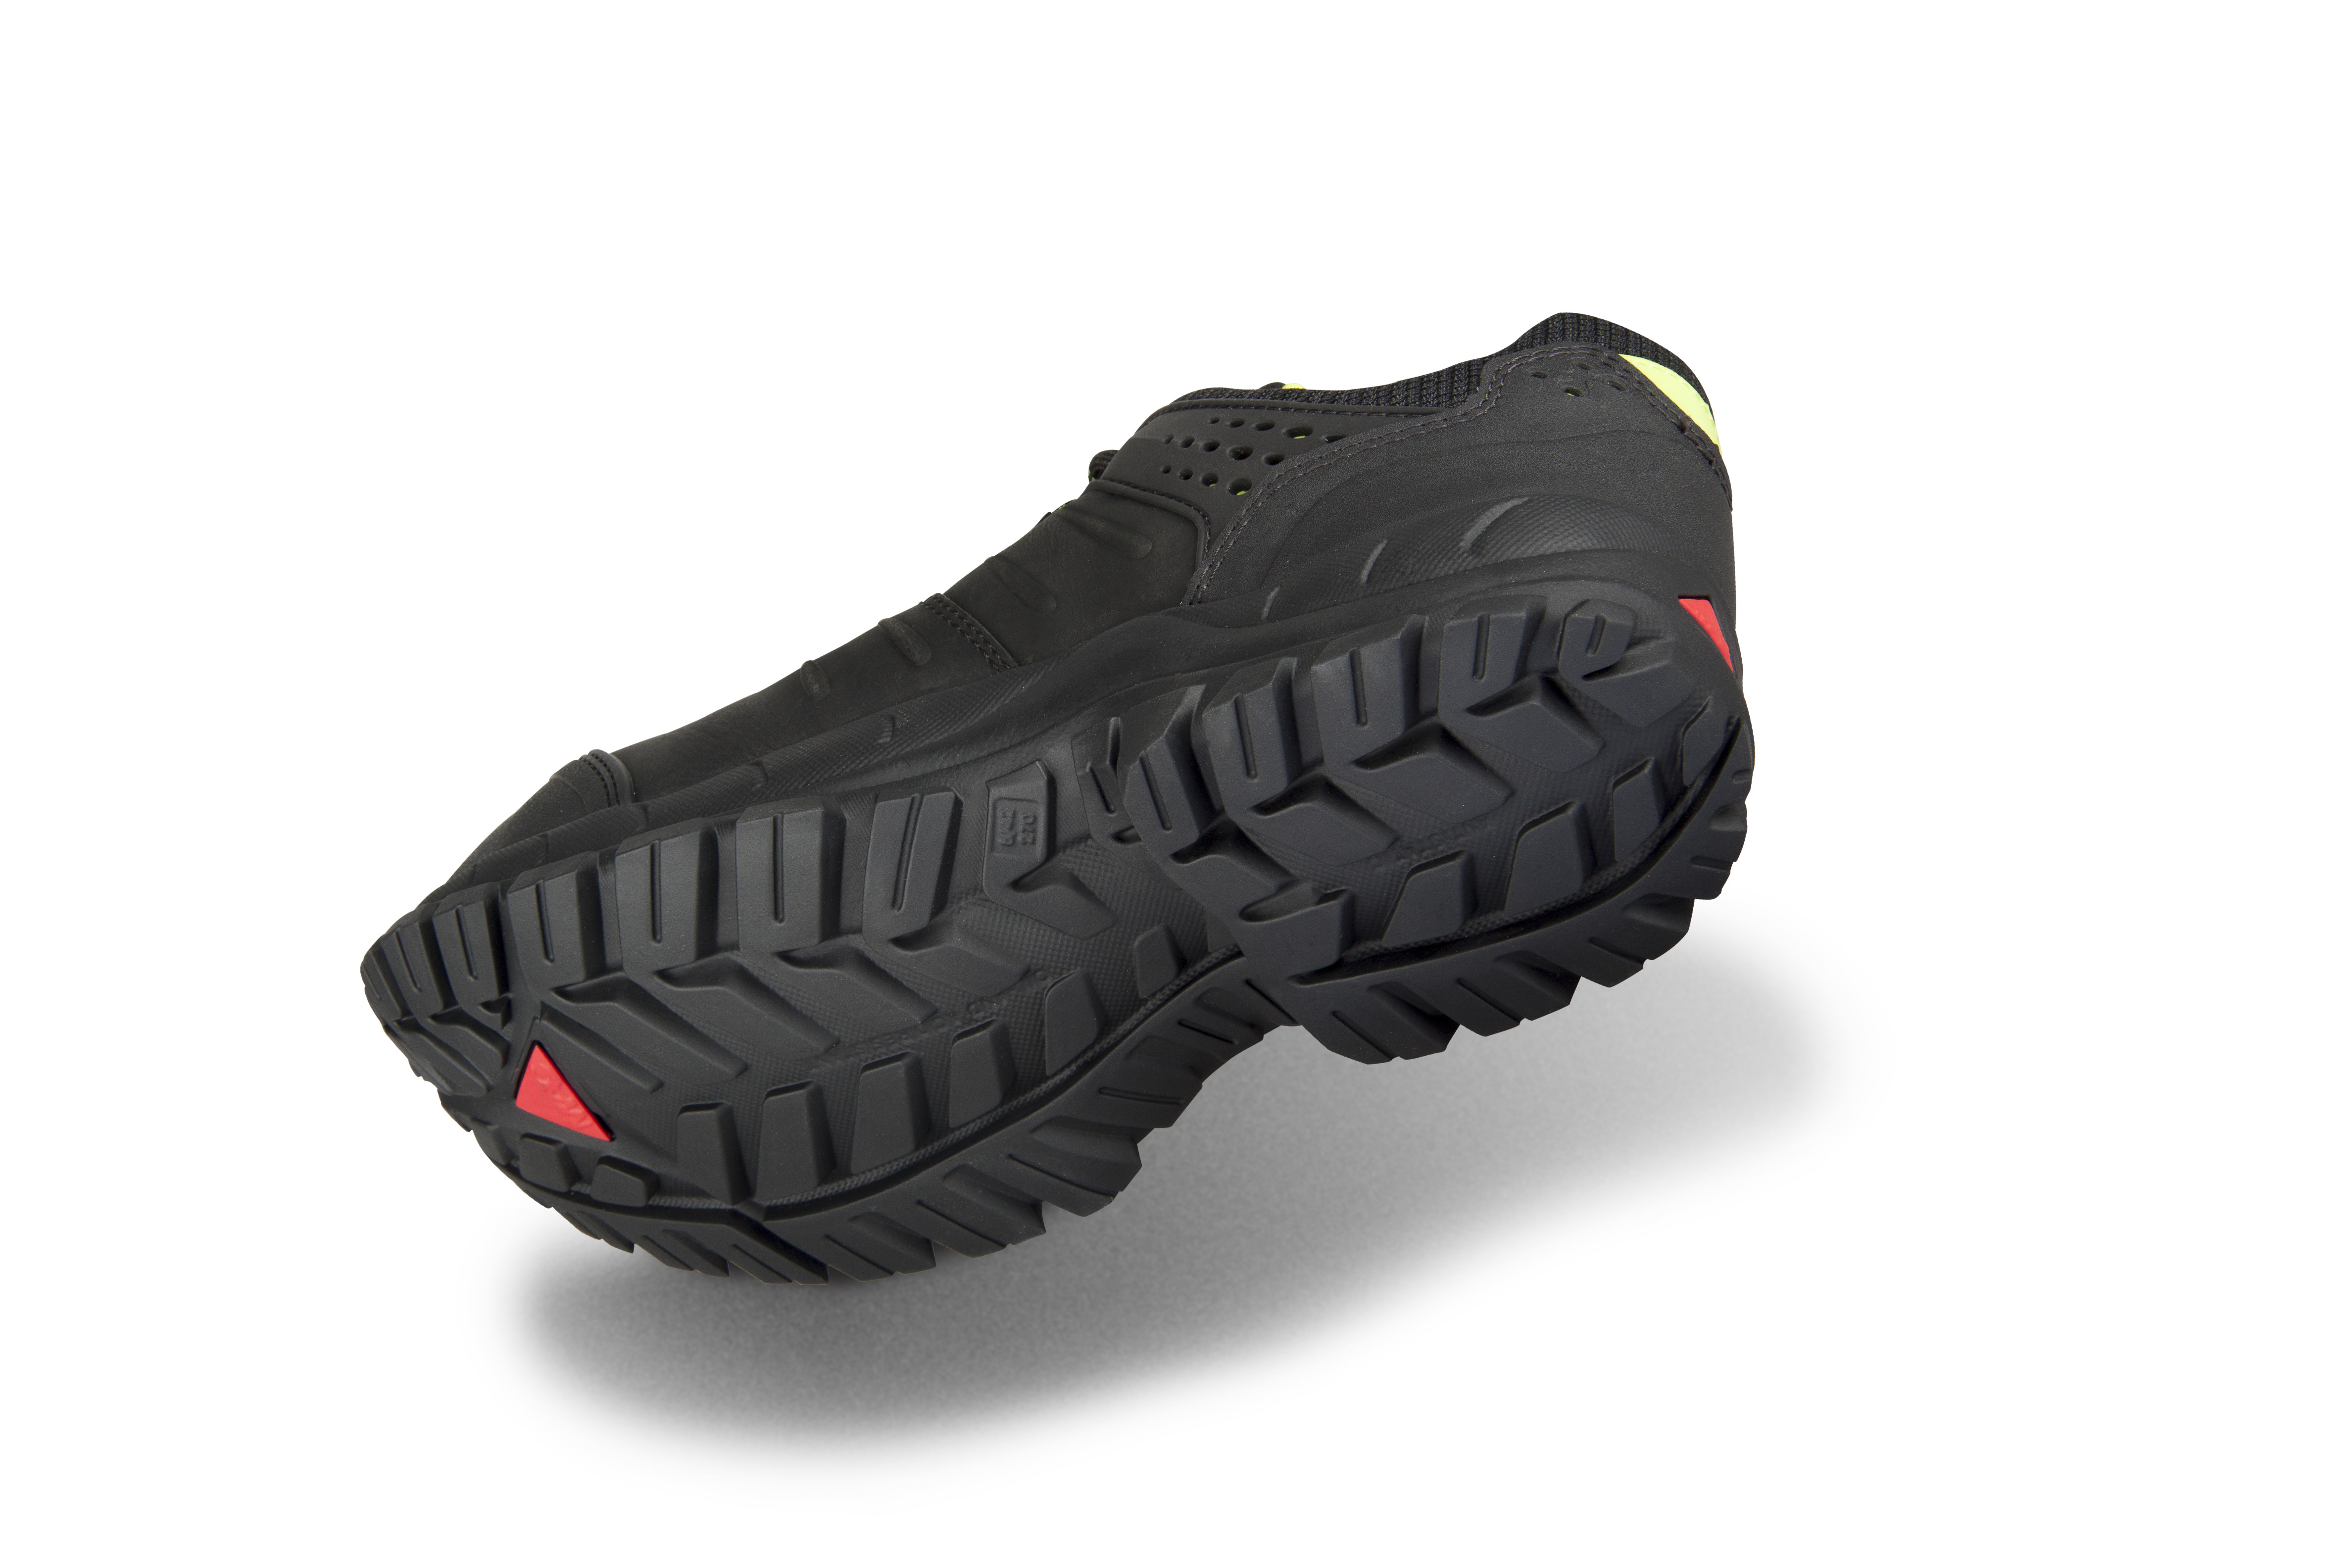 """""""Chaussure de sécurité S3 basse MACCROSSROAD 2.0 low - semelle caoutchouc Macsole"""""""